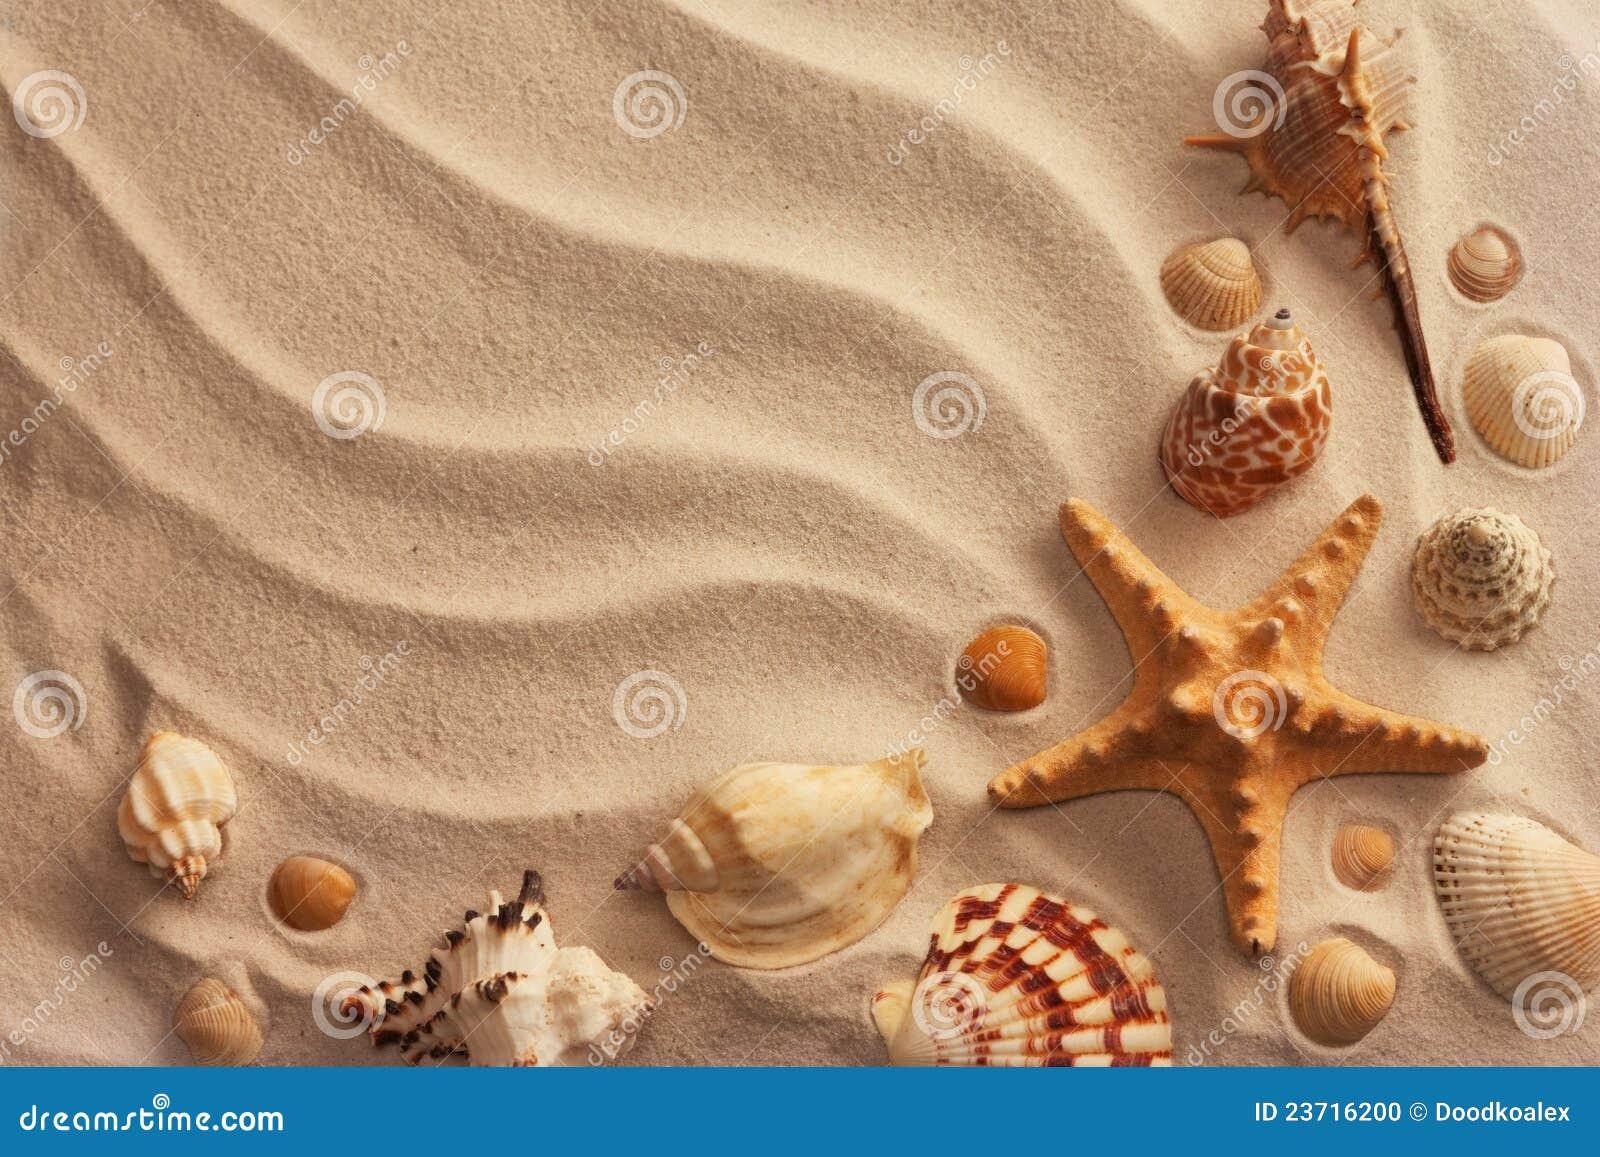 Στοκ εικόνες: κοχύλια θάλασσας άμμου